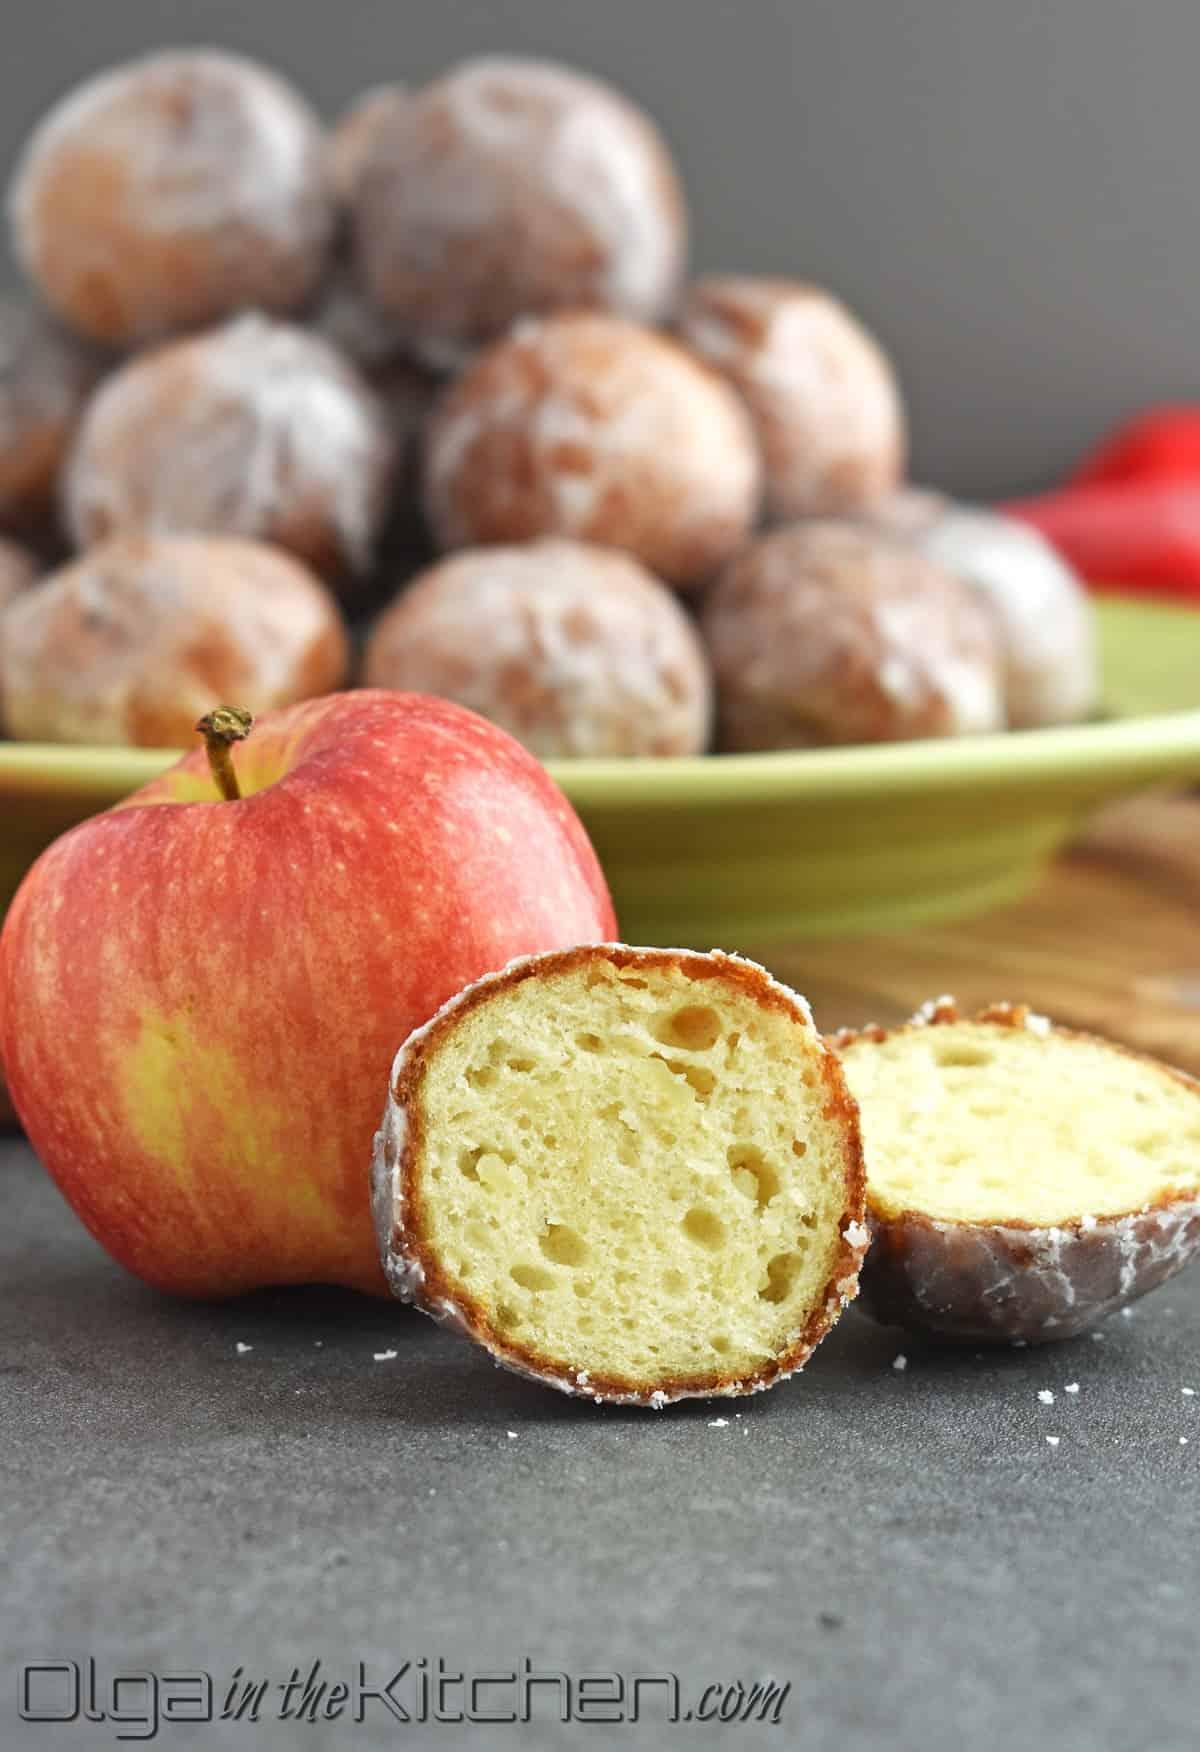 mashed potatoes donut holes recipe